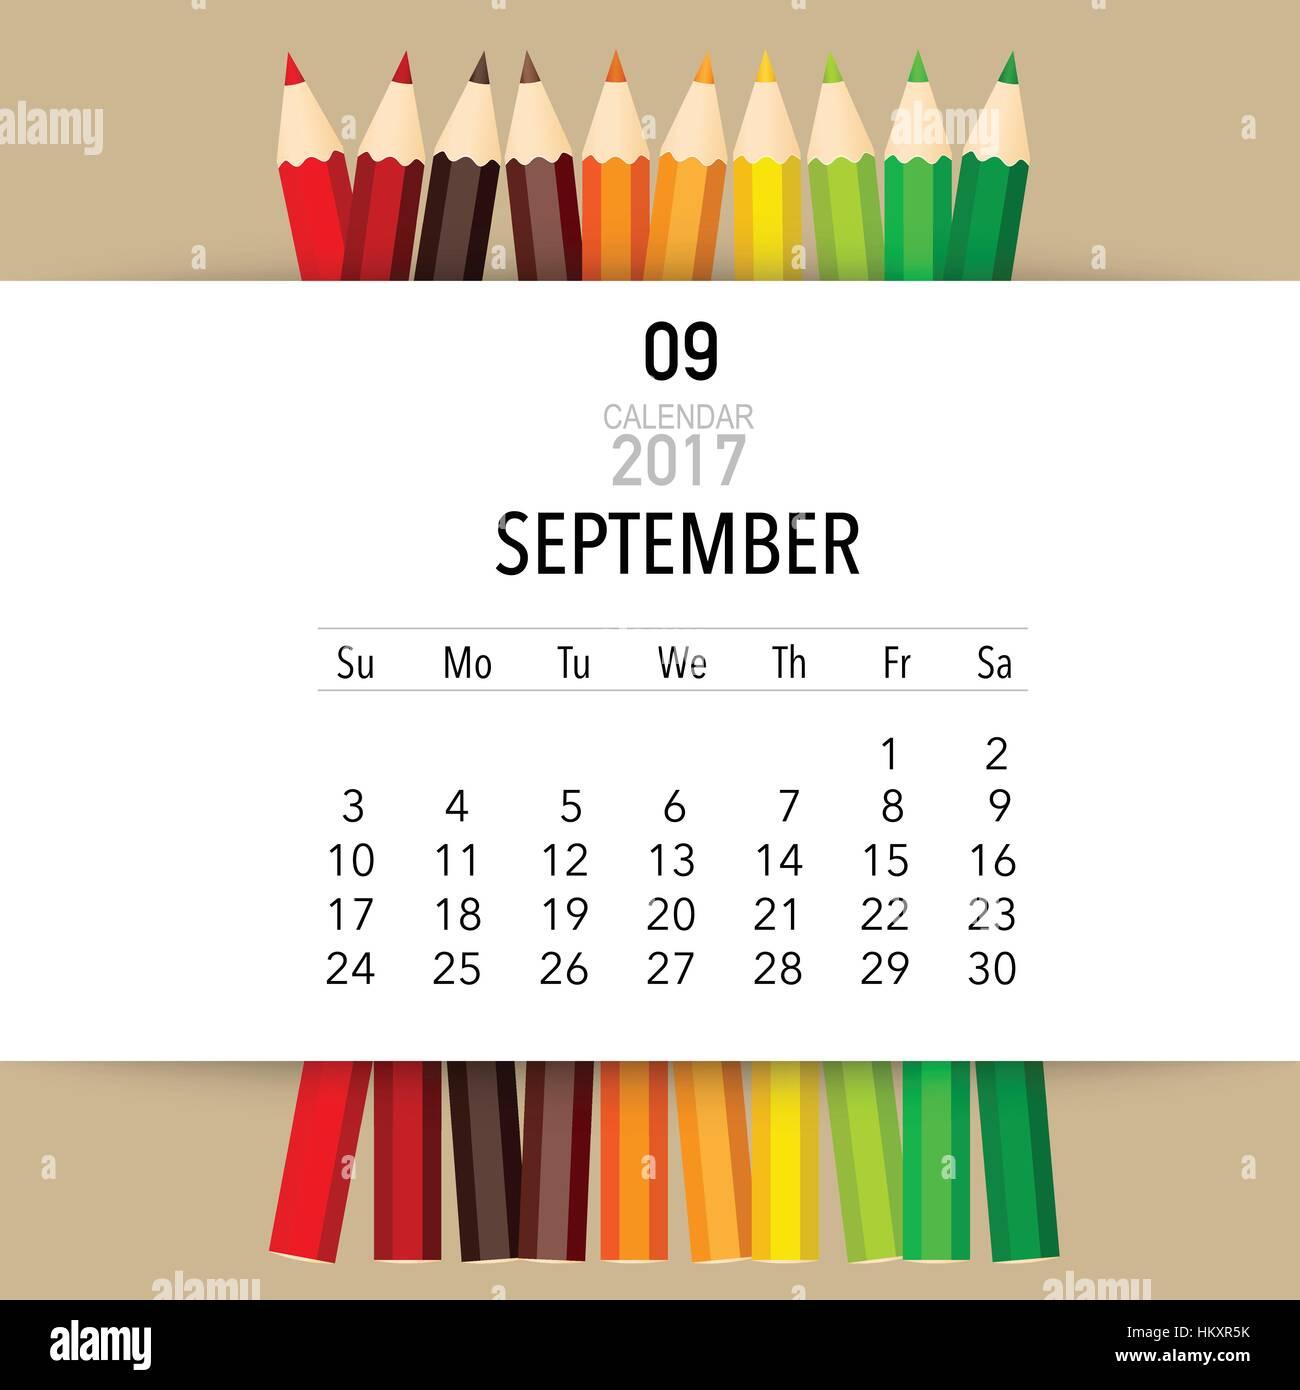 Ausgezeichnet Monatliche Mahlzeit Kalendervorlage Bilder - Entry ...